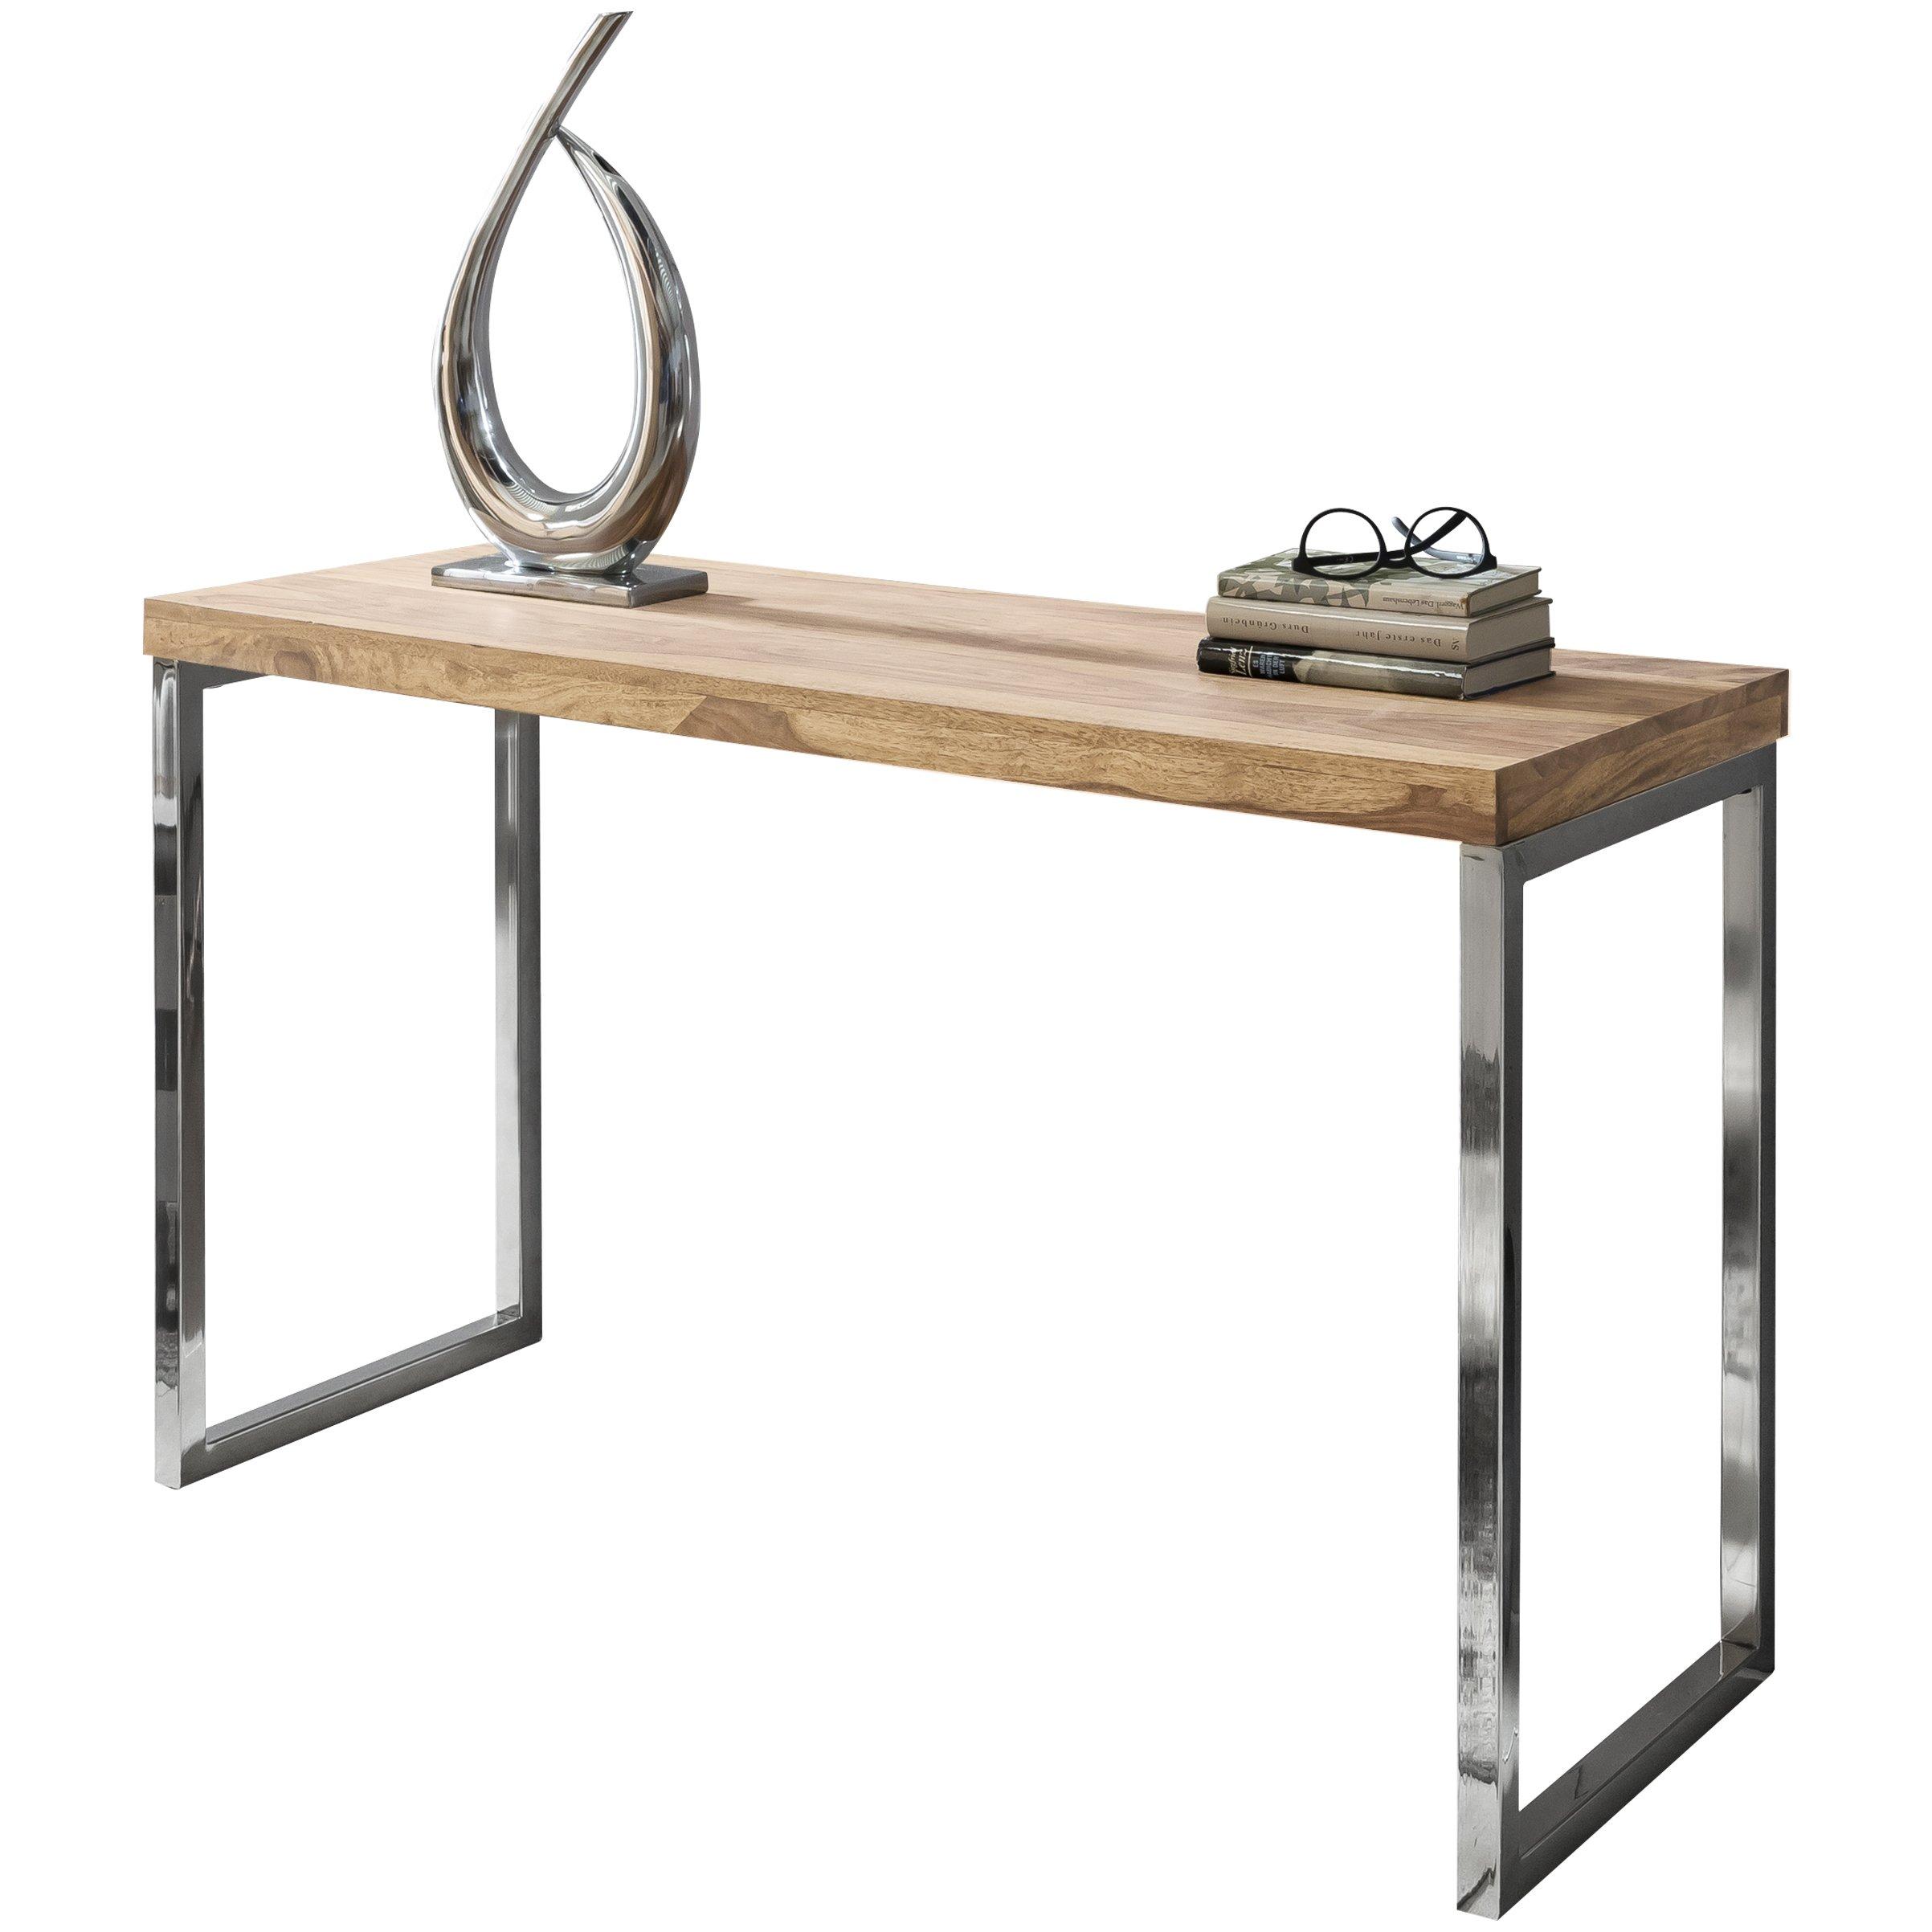 Schreibtisch holz natur  Sideboard Holz massiv: Amazon.de